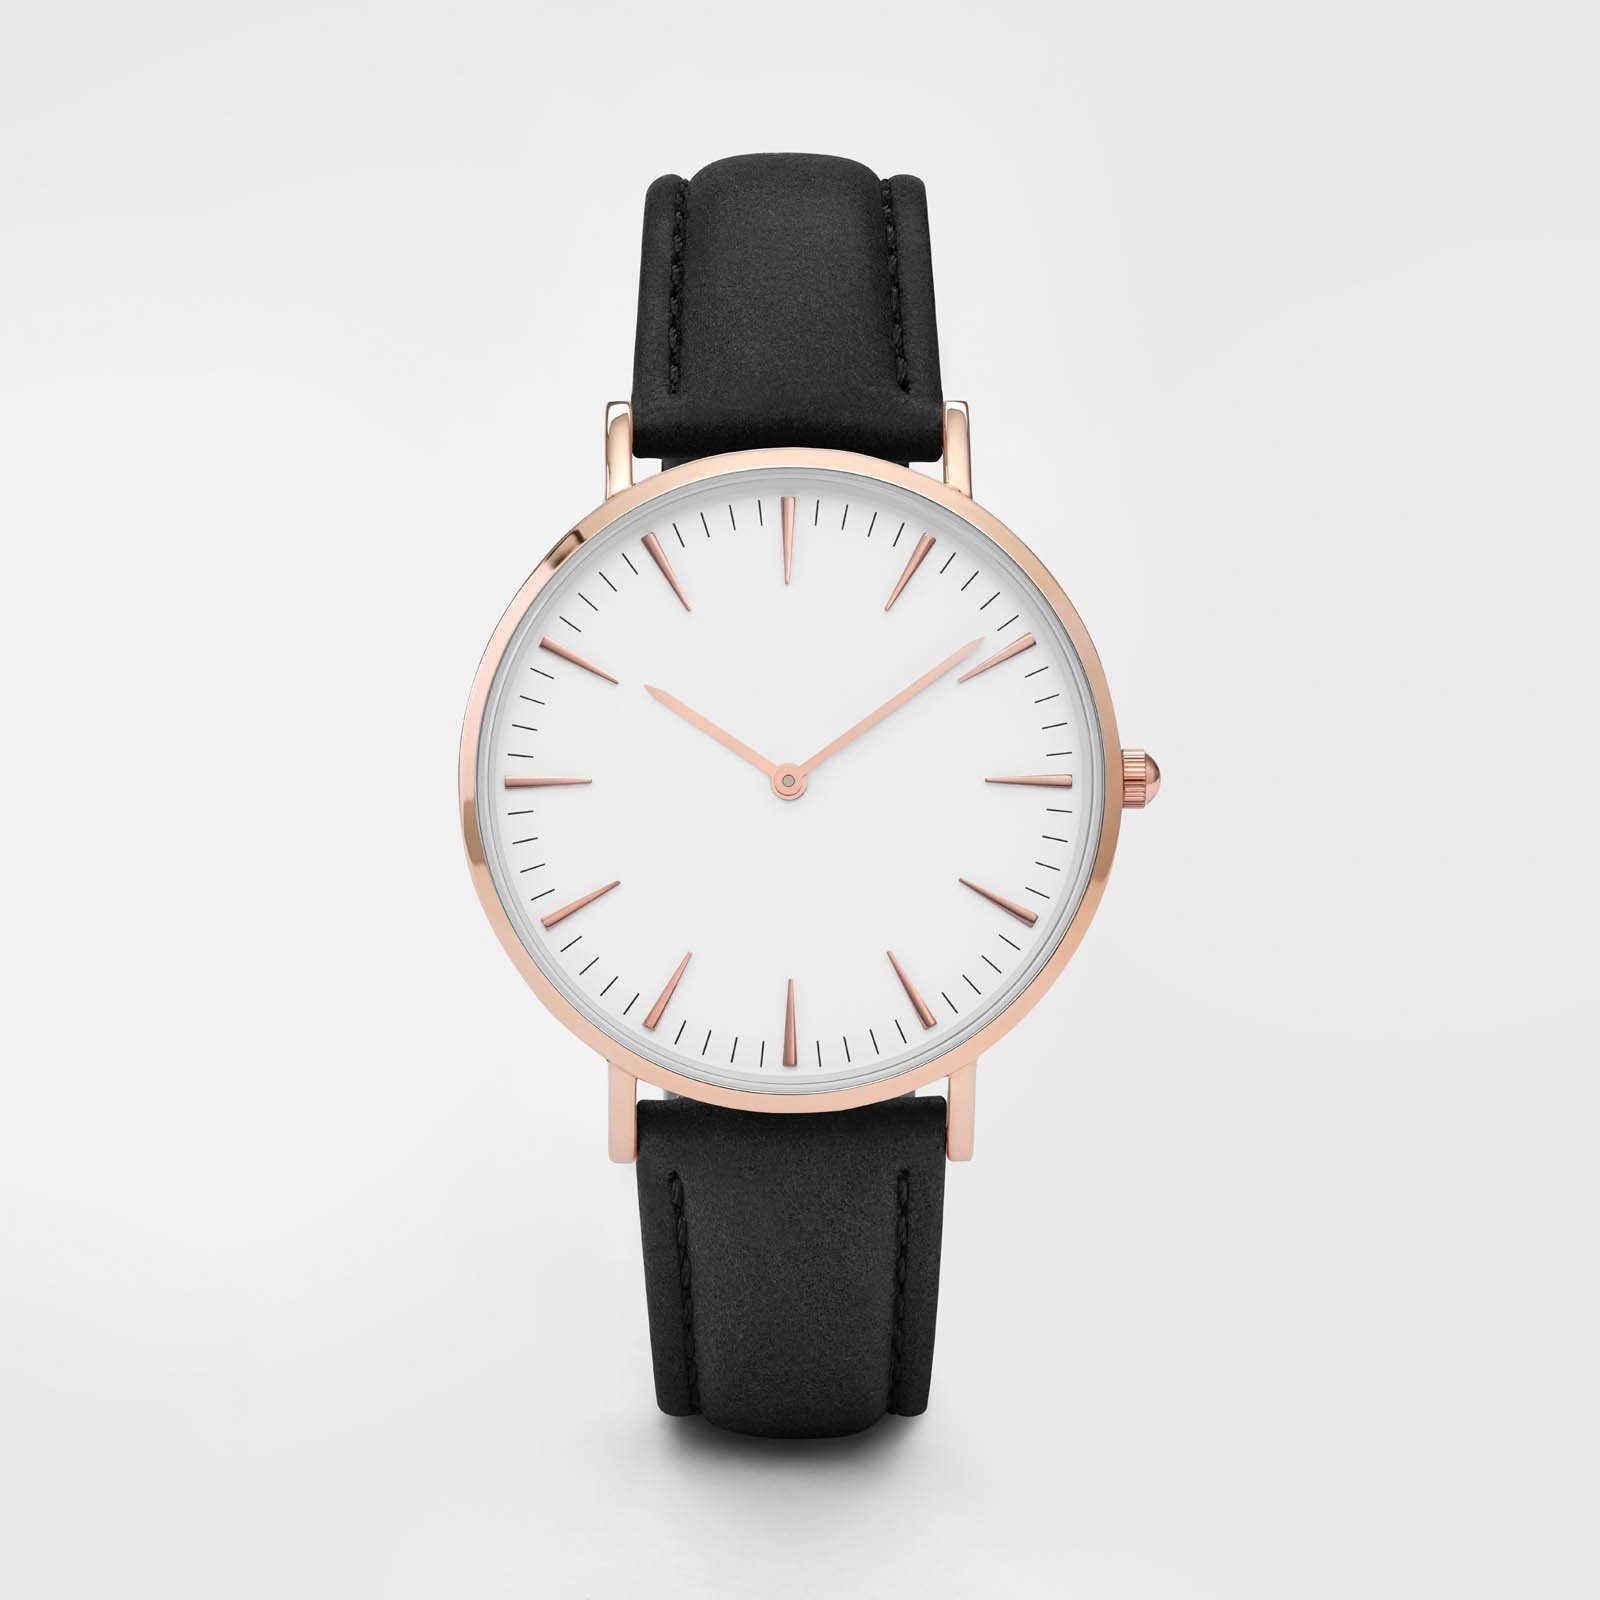 Clásico femenino marca reloj de oro rosa de moda relojes de mujer cómodos de cuero de las señoras vestido reloj mujer dropshipping. exclusivo. reloj